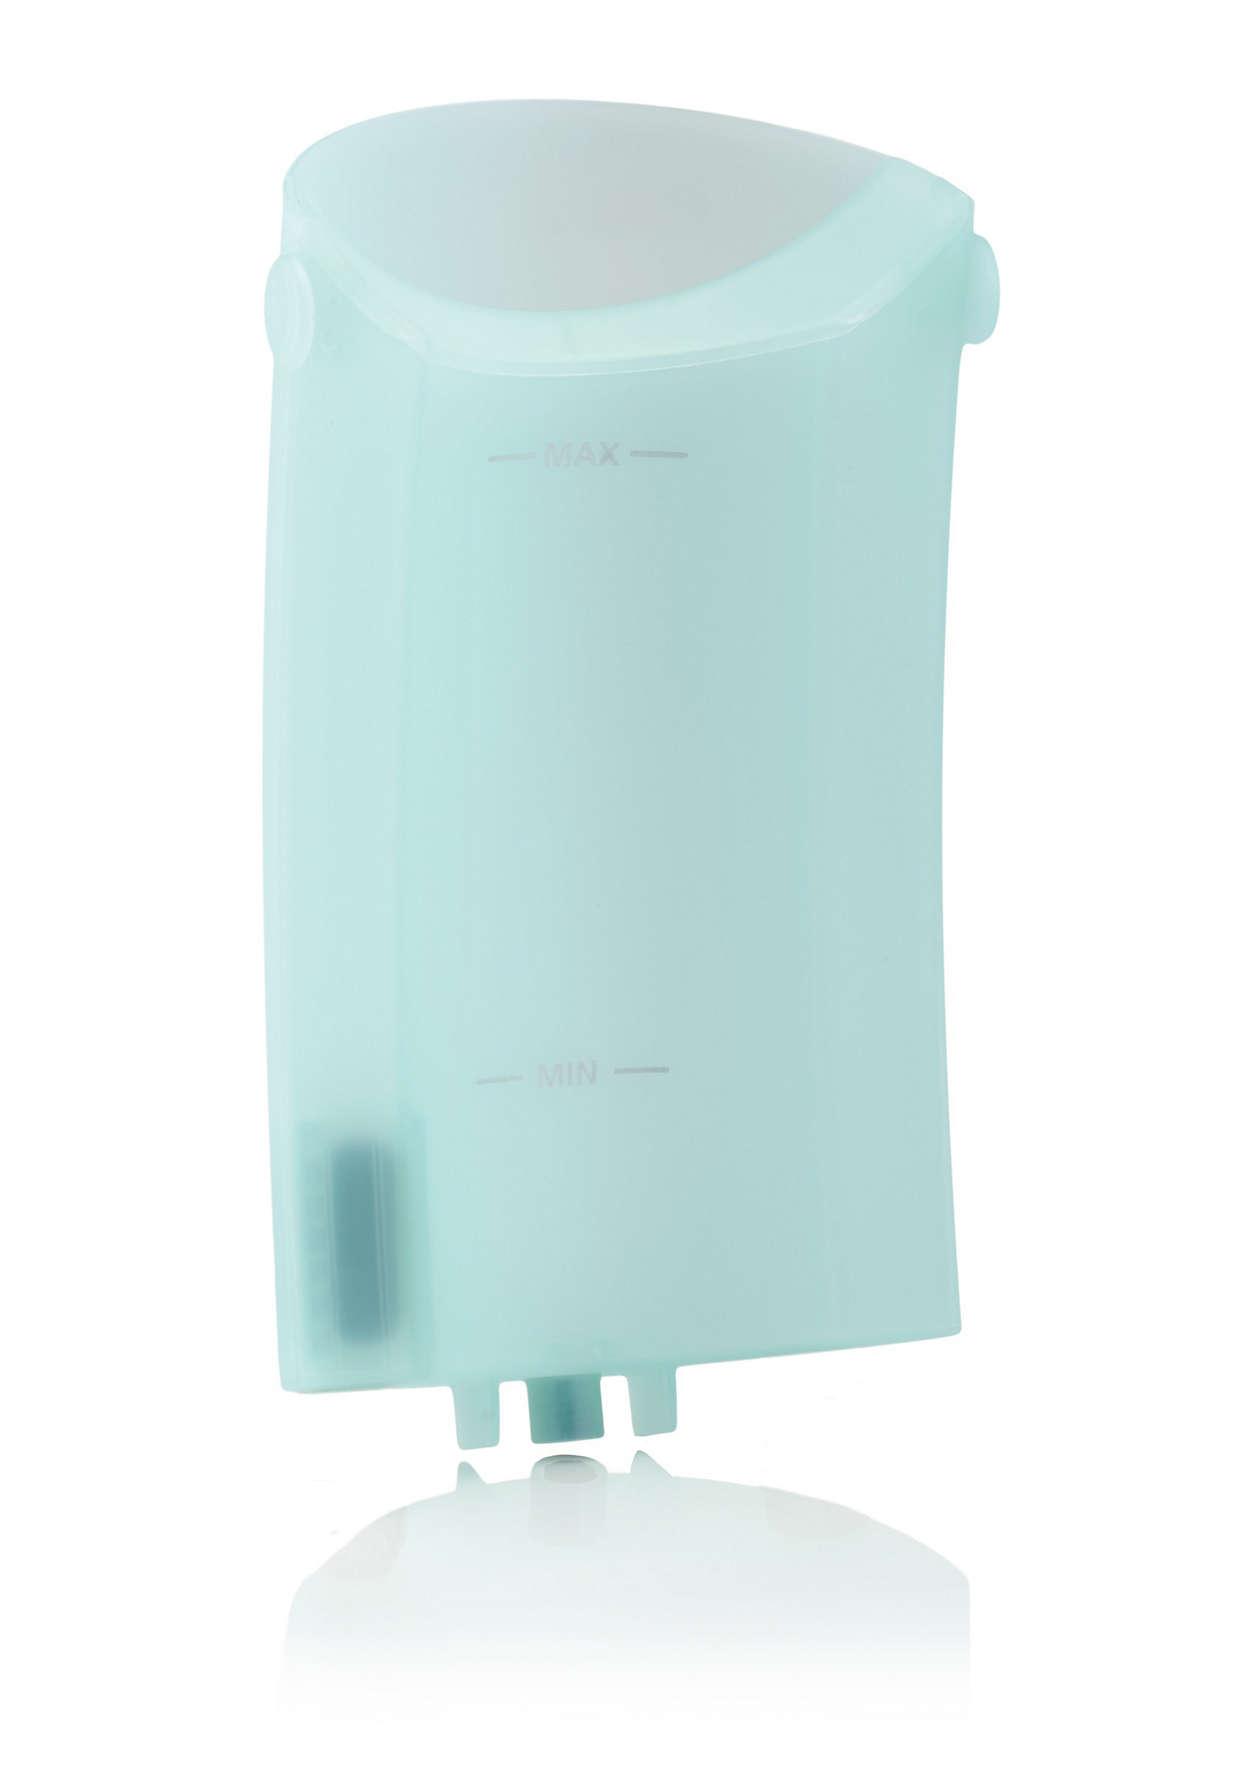 파드 커피머신의 물탱크